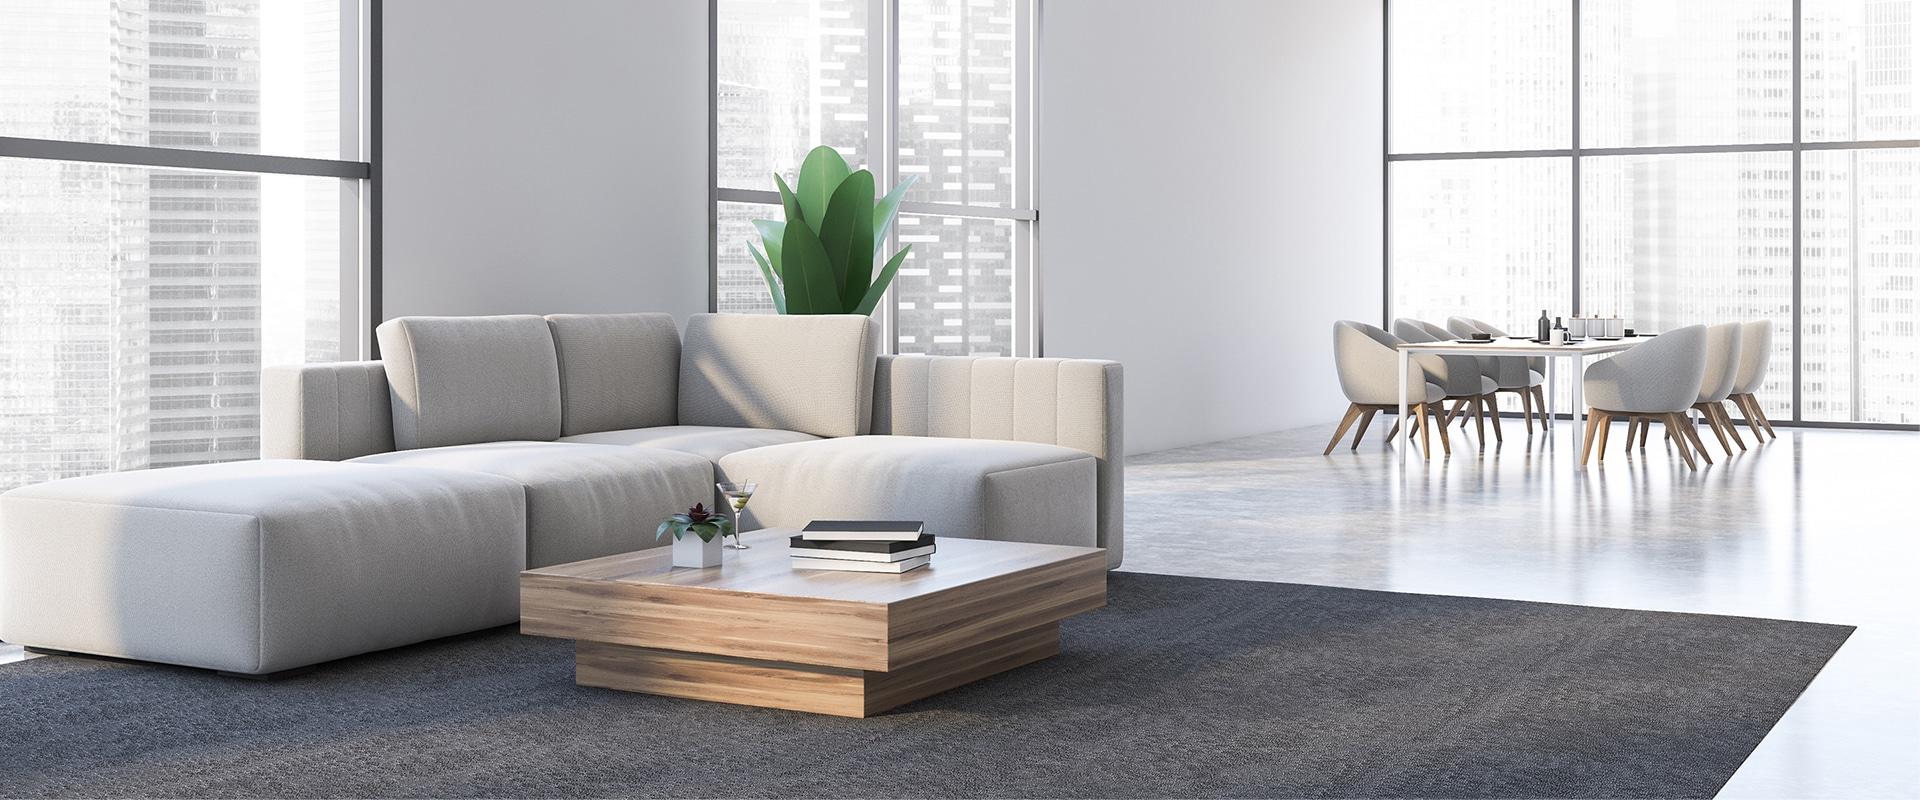 Minimalist style (living room)